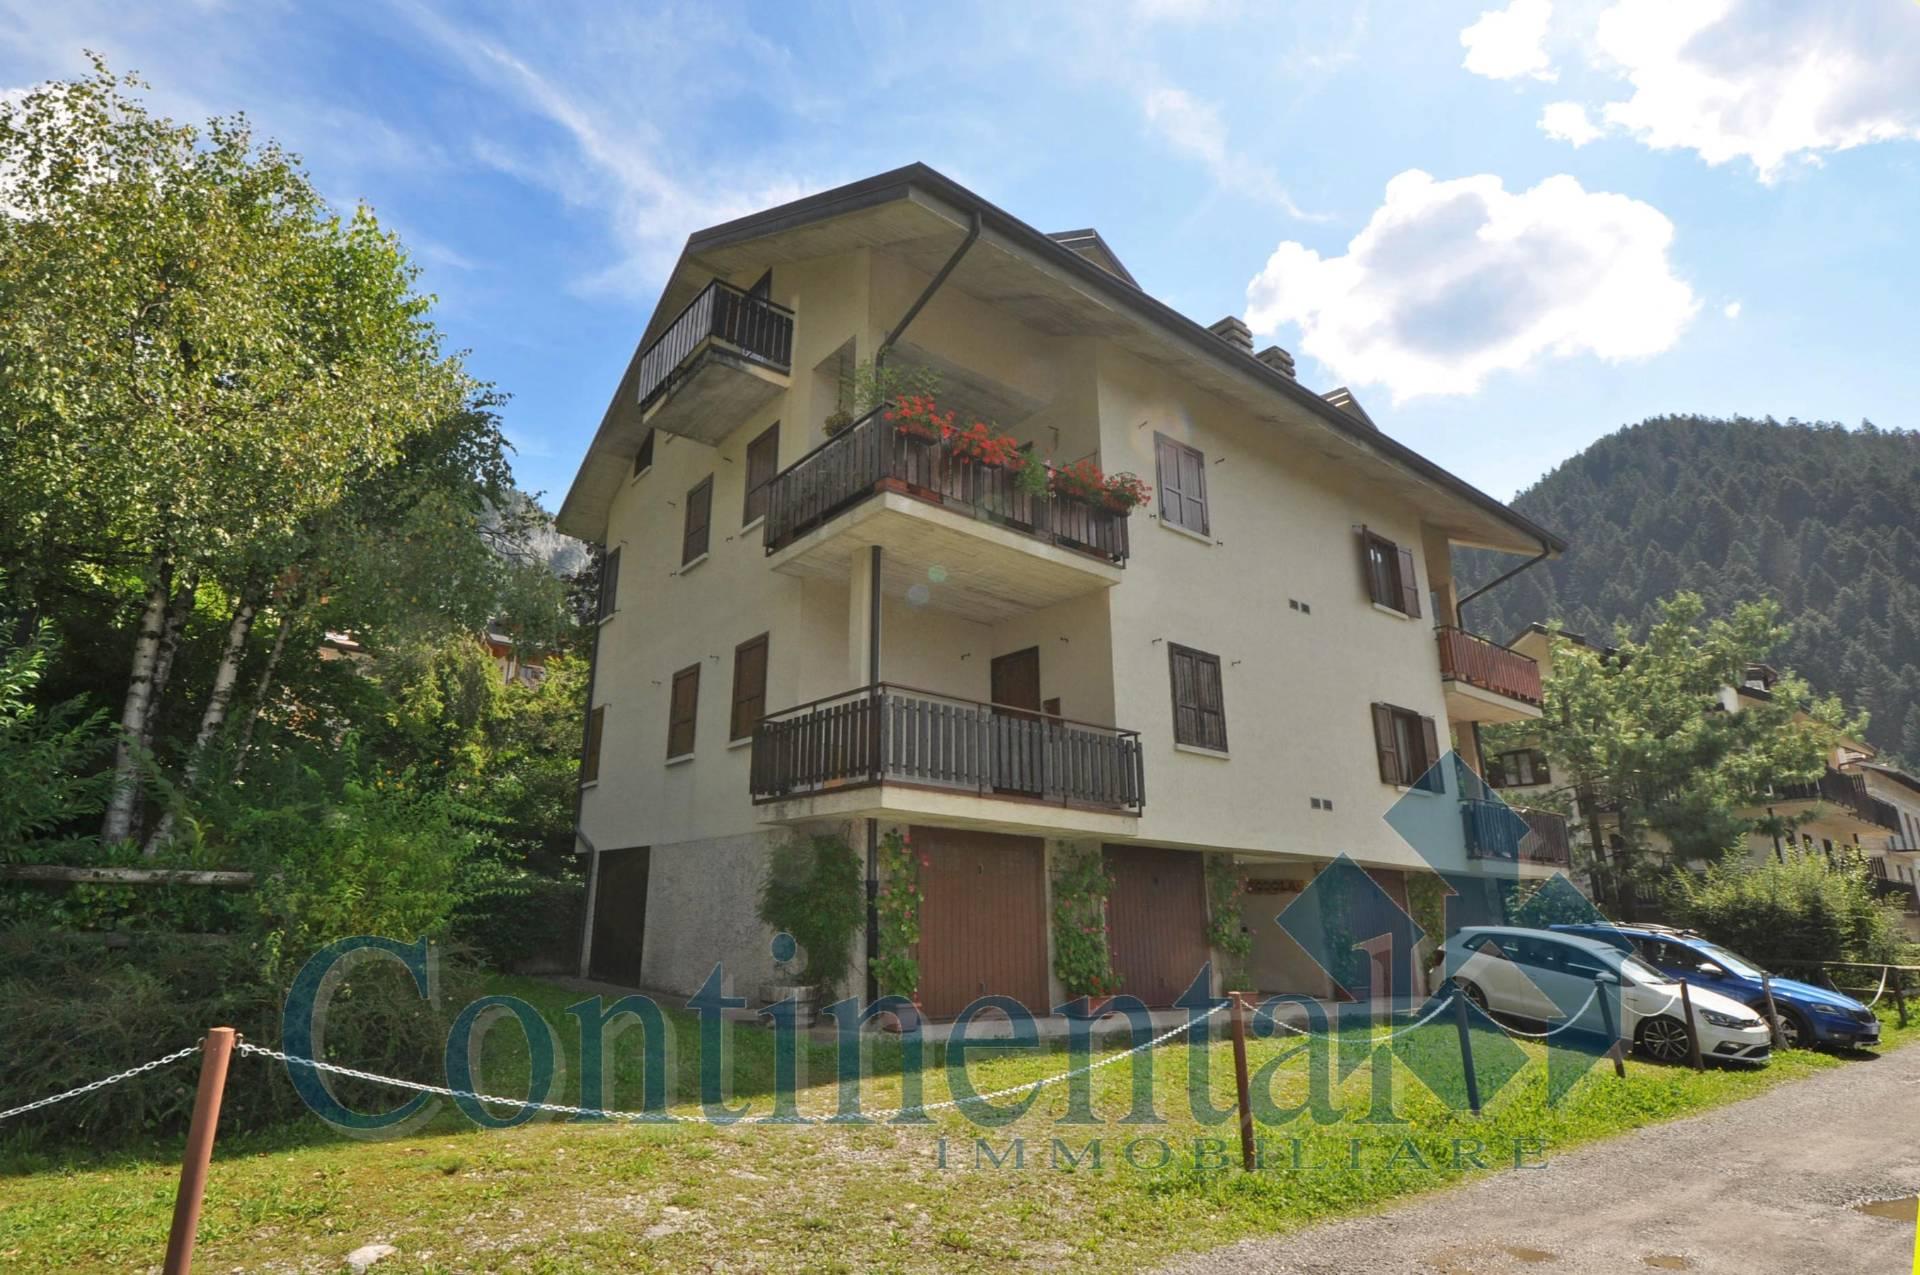 Appartamento in vendita a Piazzatorre, 3 locali, prezzo € 47.000   PortaleAgenzieImmobiliari.it